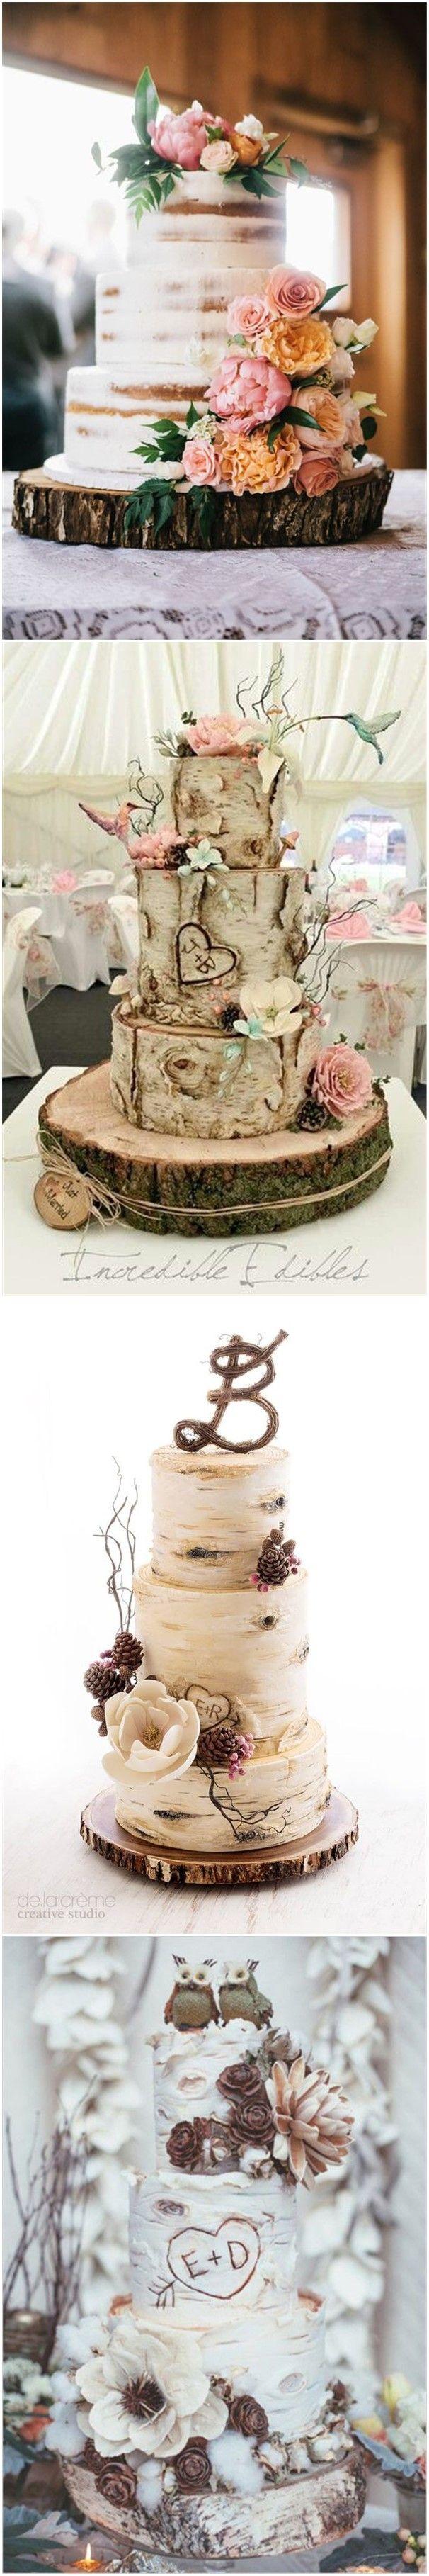 best wedding images on pinterest cake wedding wedding ideas